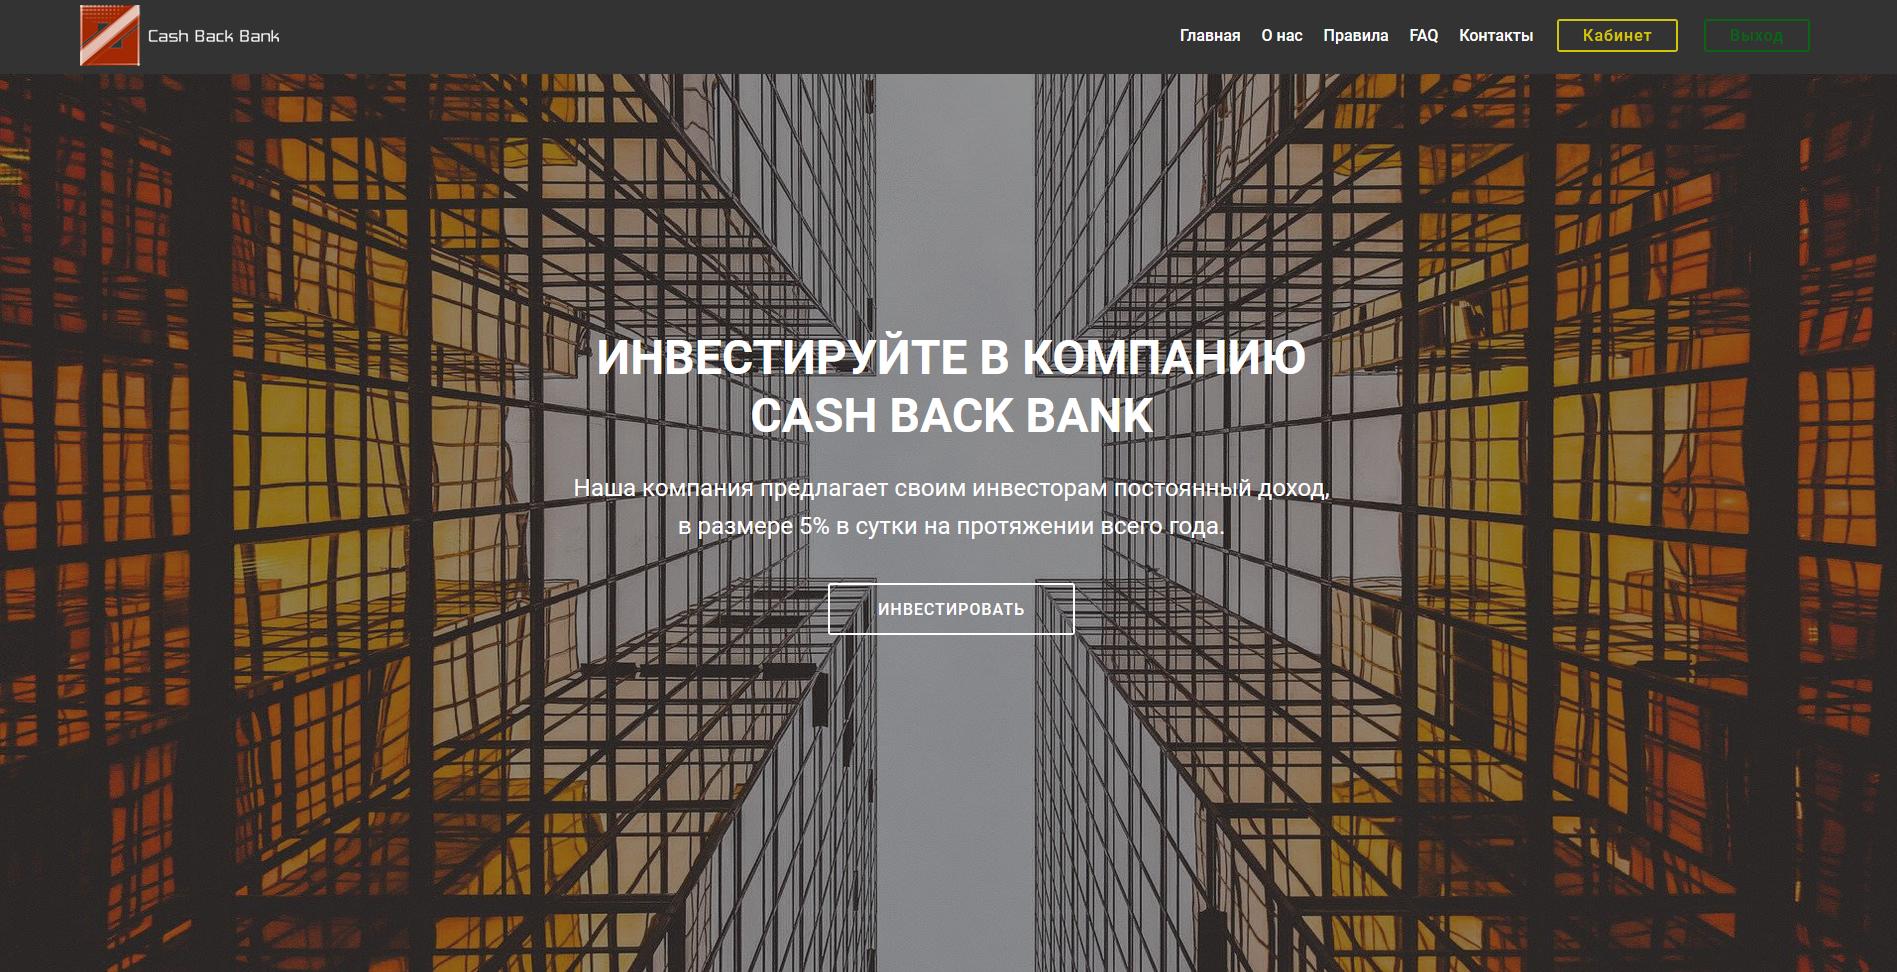 Cash Back Bank